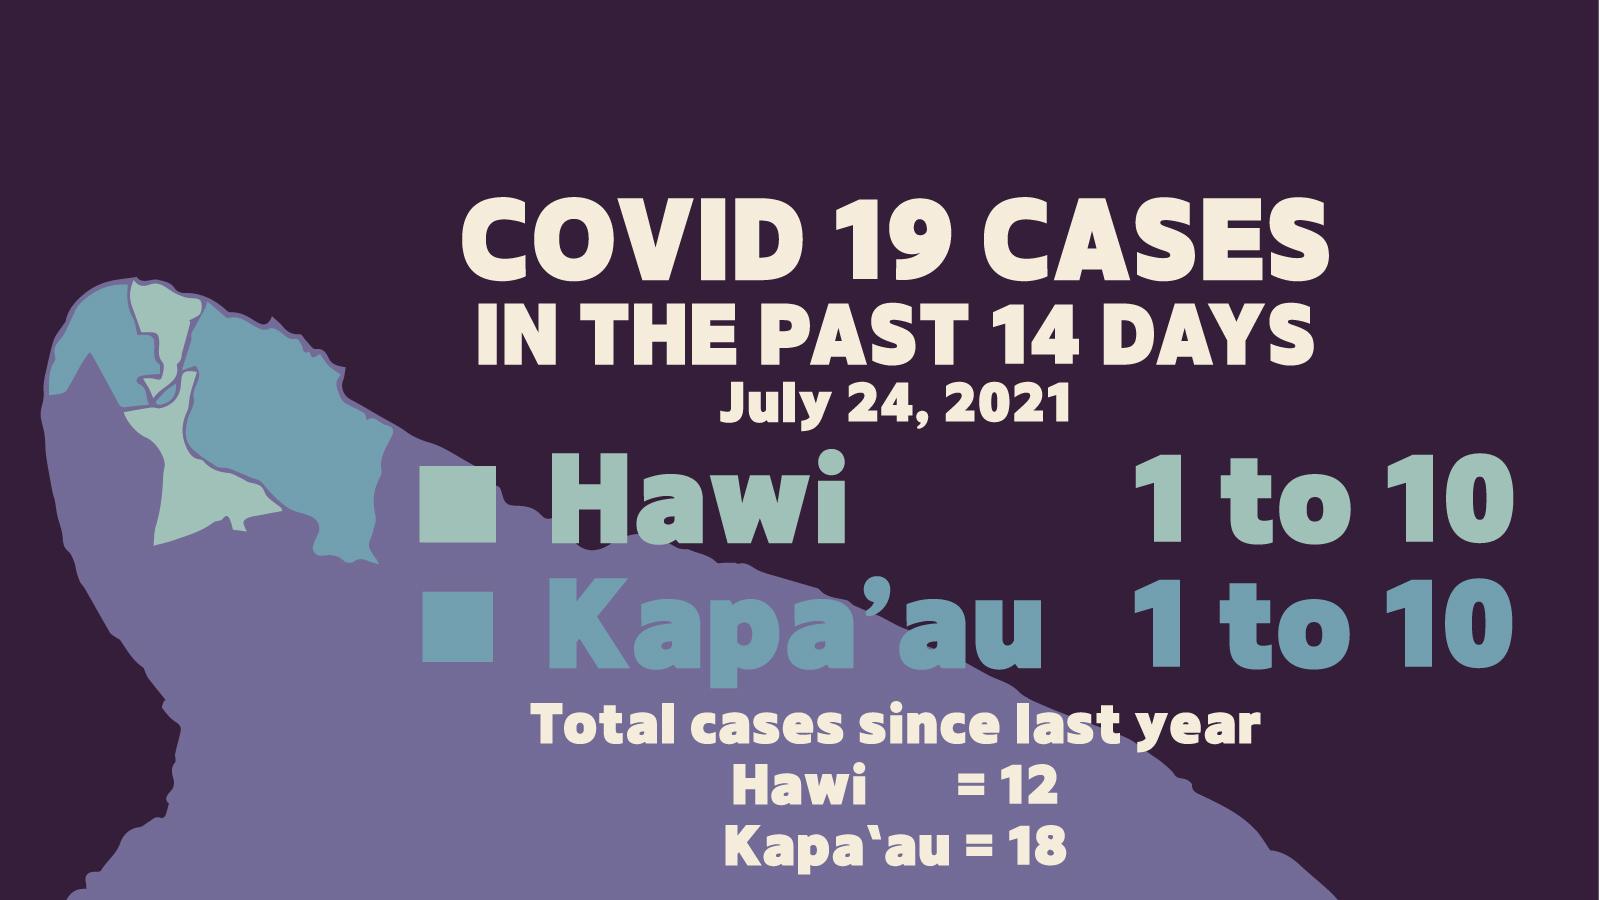 COVID CASES IN NORTH KOHALA